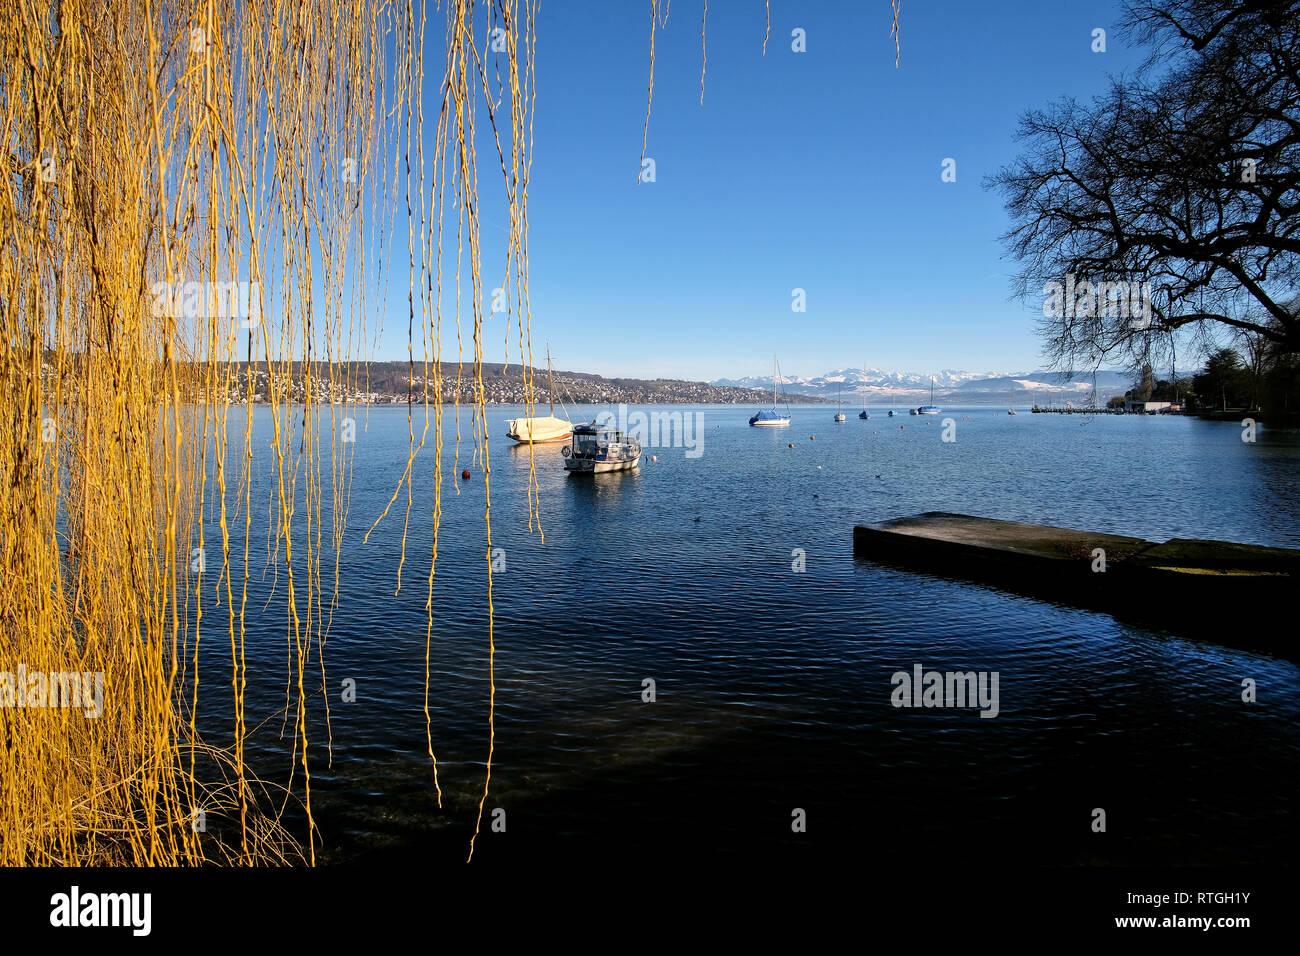 Blick Ÿber den ZŸrichsee mit Segelbooten auf die schneebedeckten Schweizer Alpen. Stock Photo